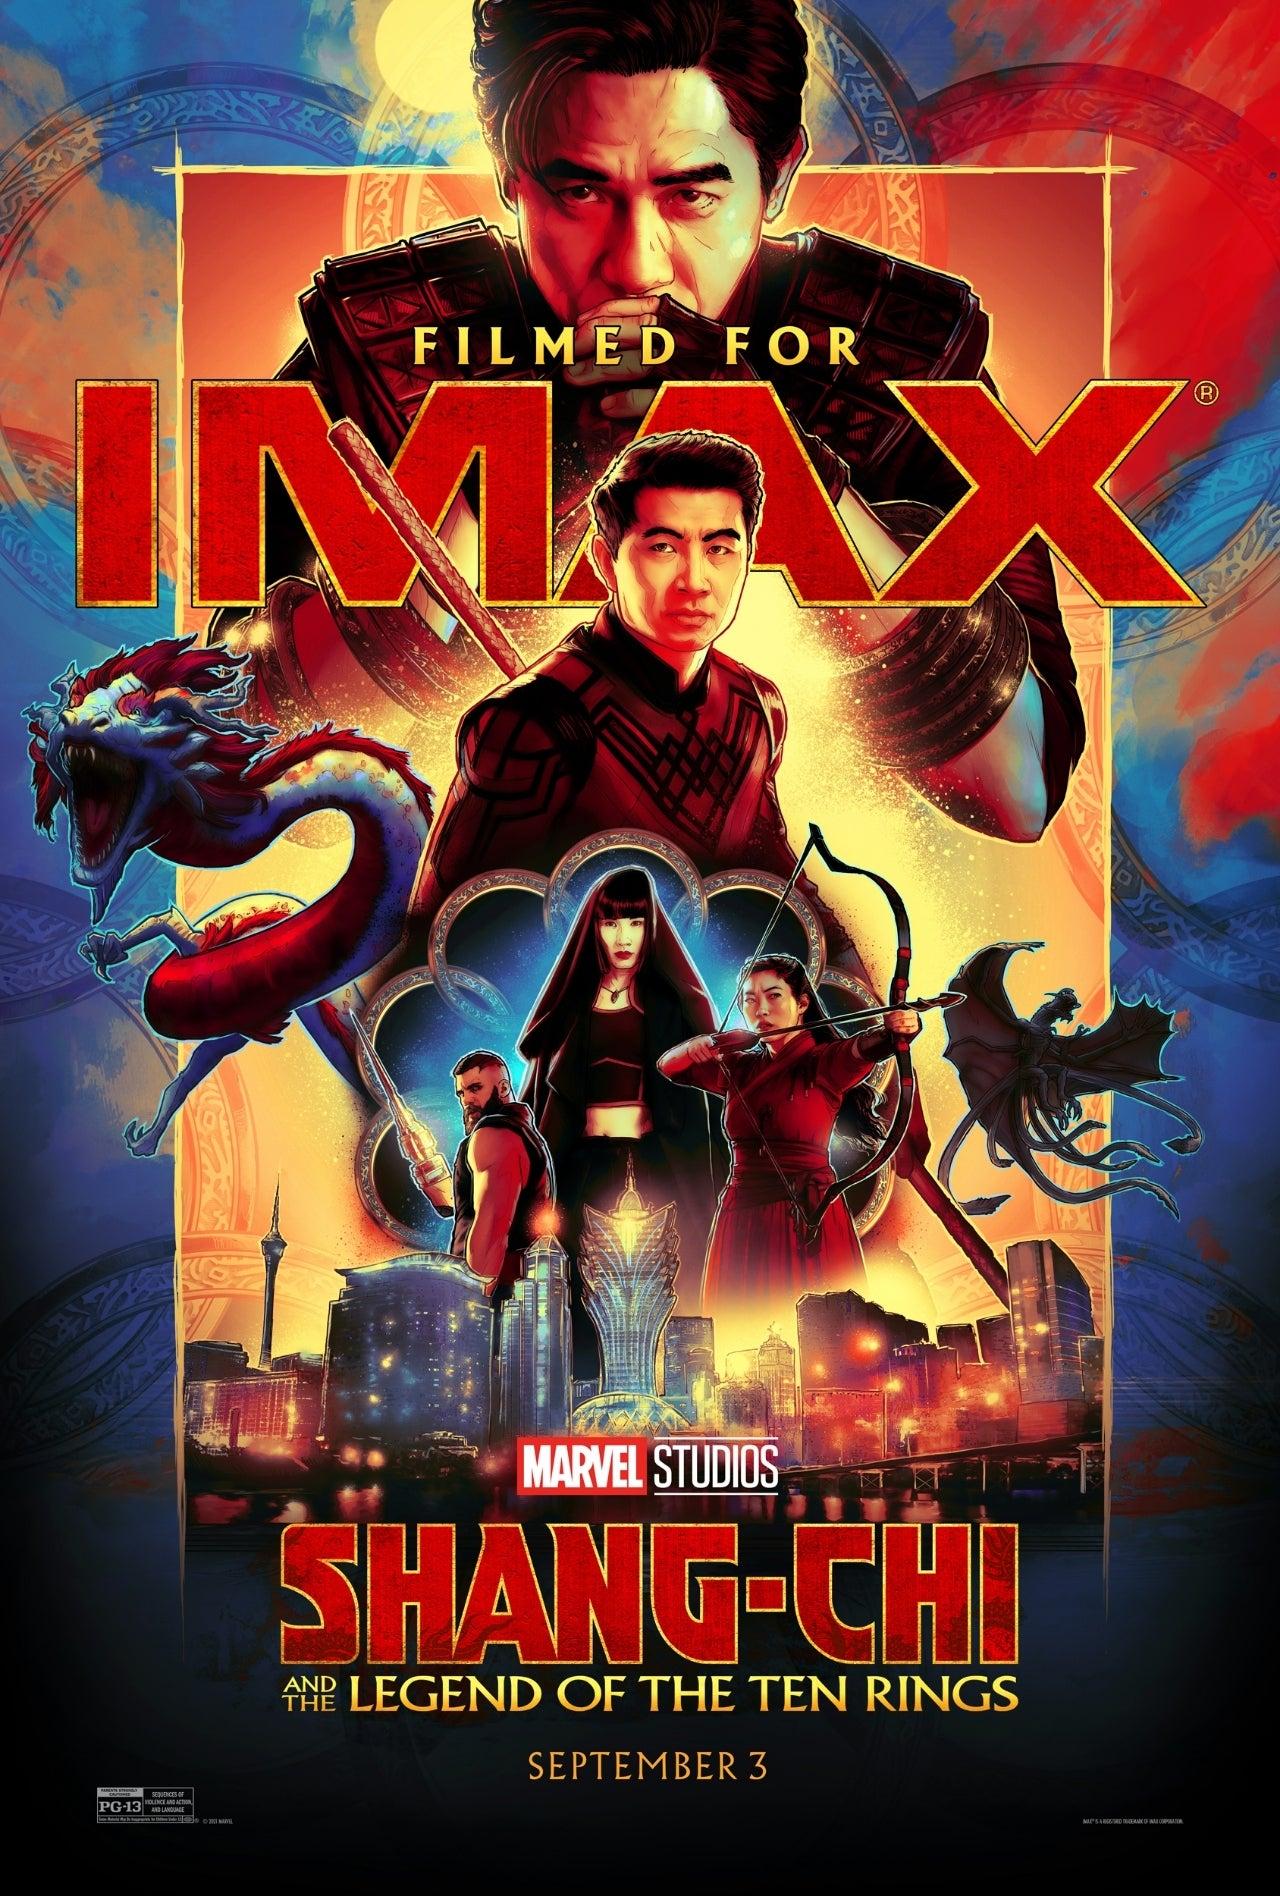 shang-chi imax poster